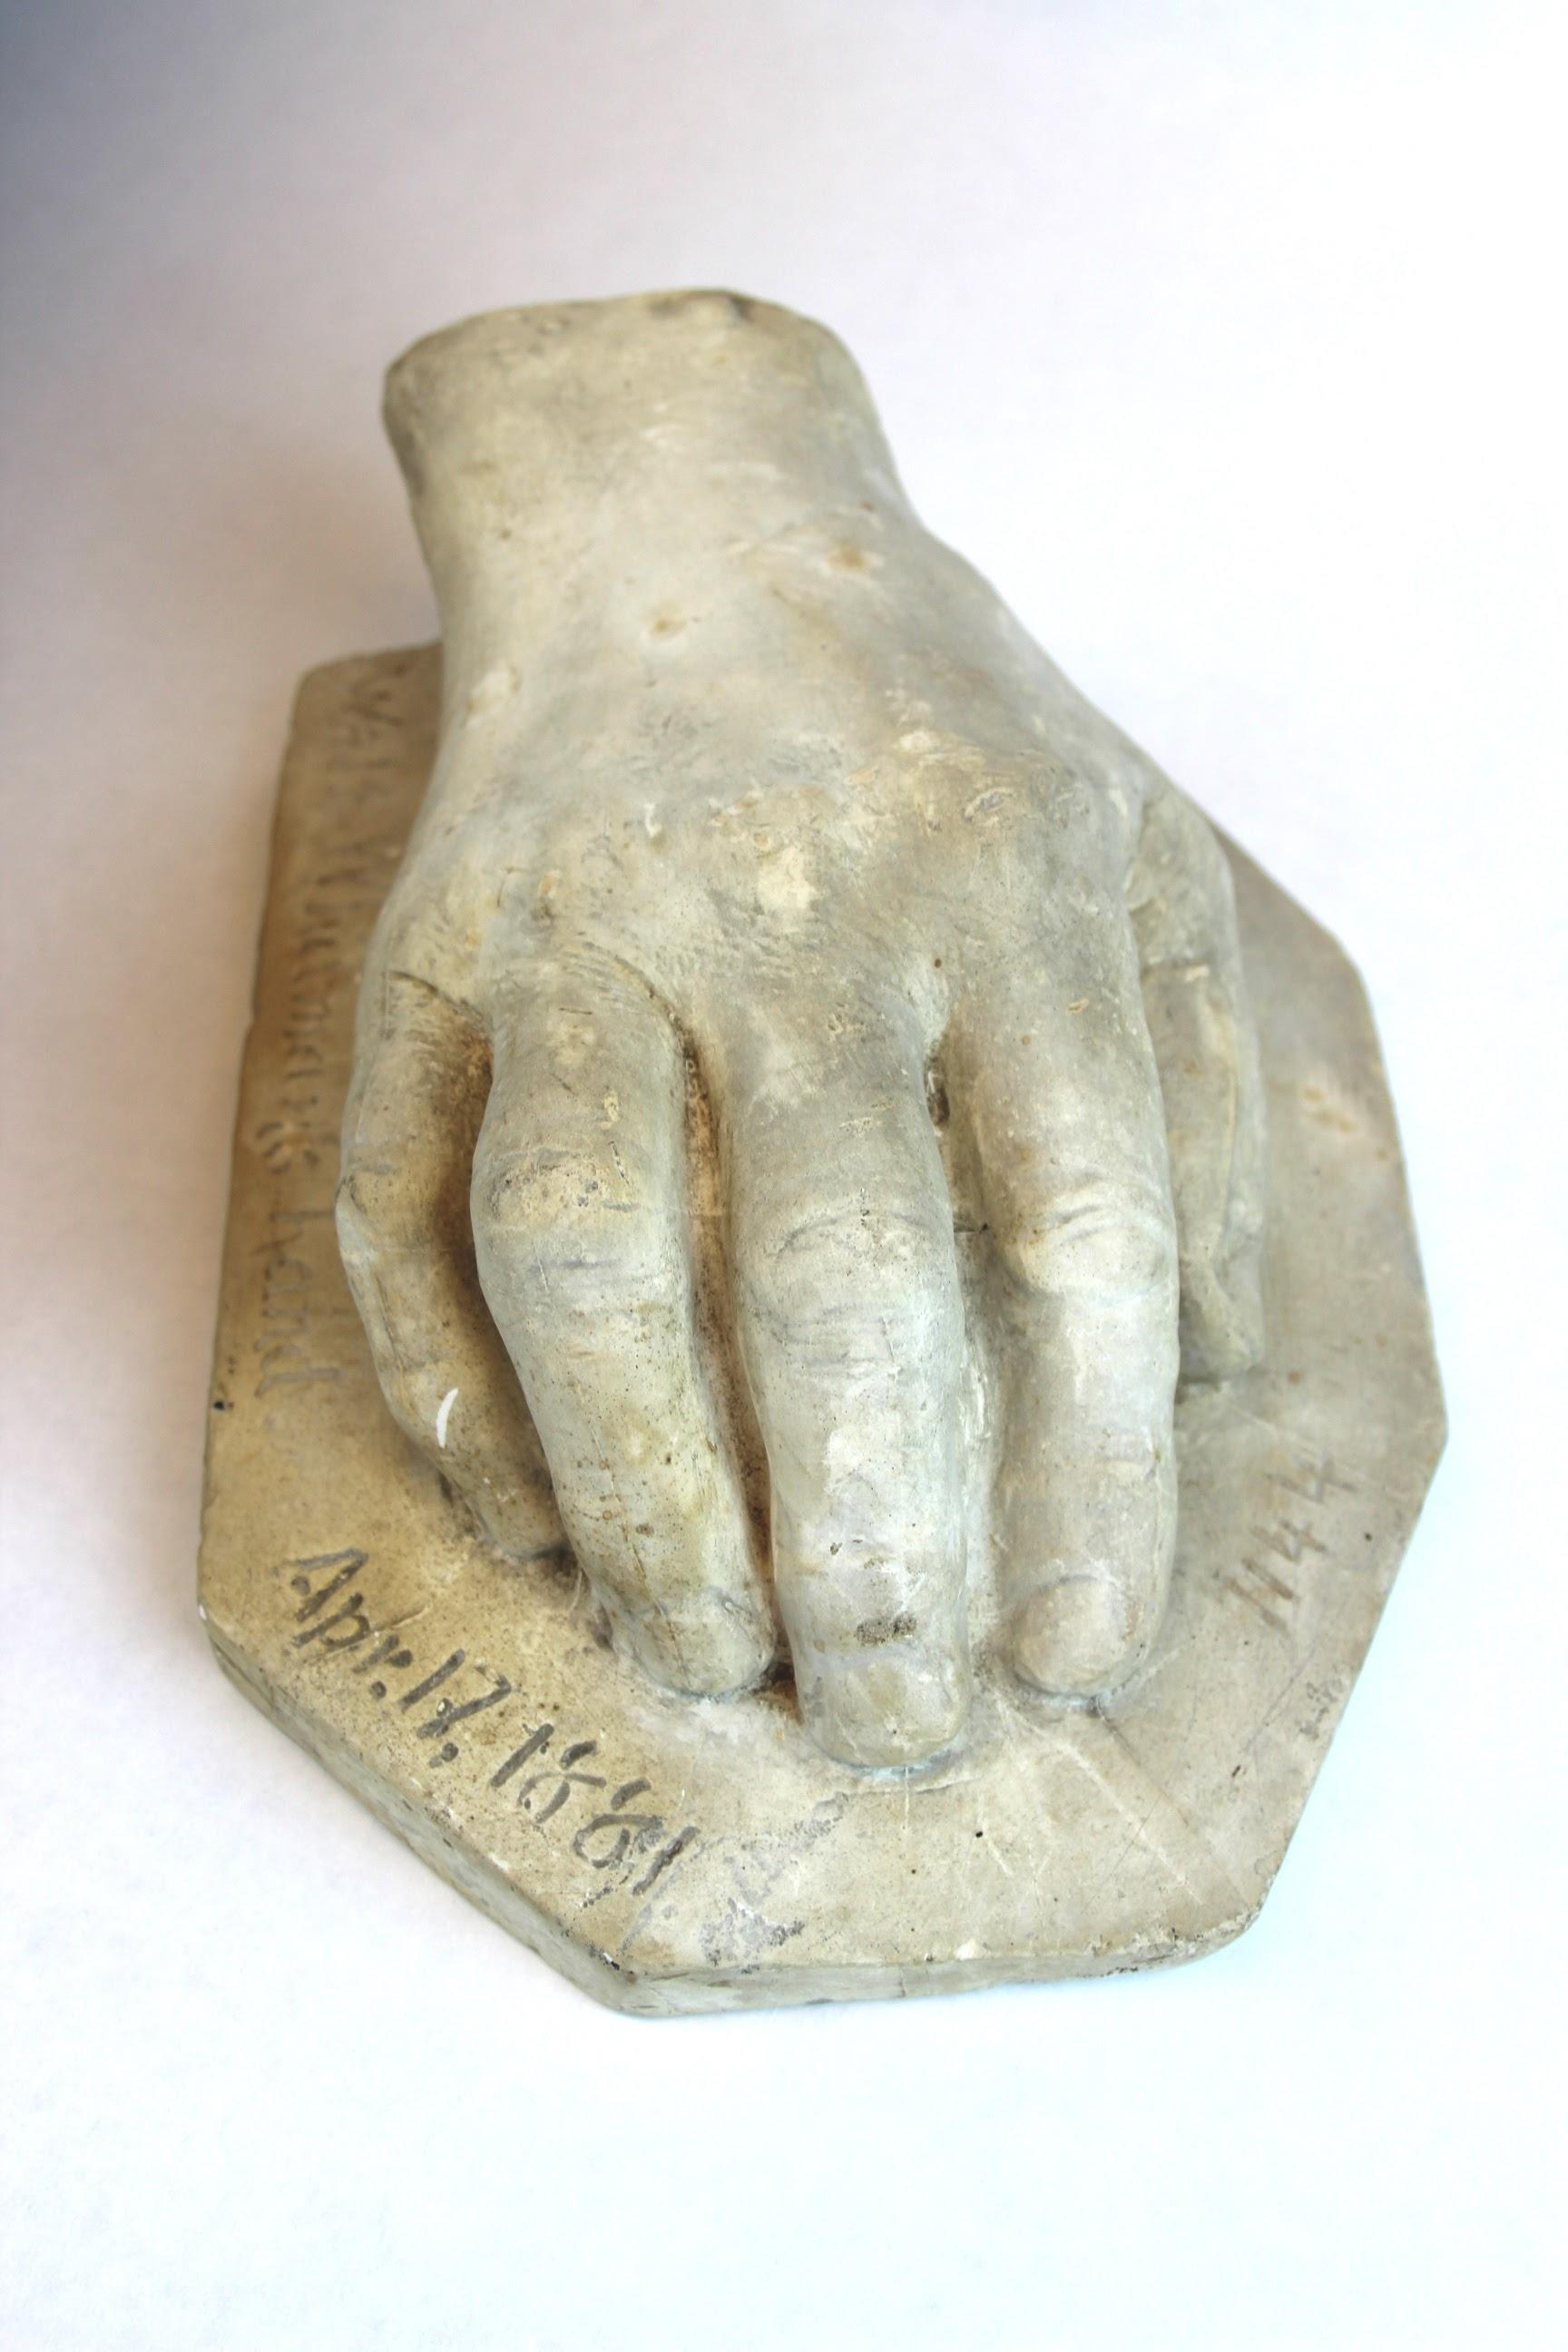 Plaster cast of Walt Whitman's hand.